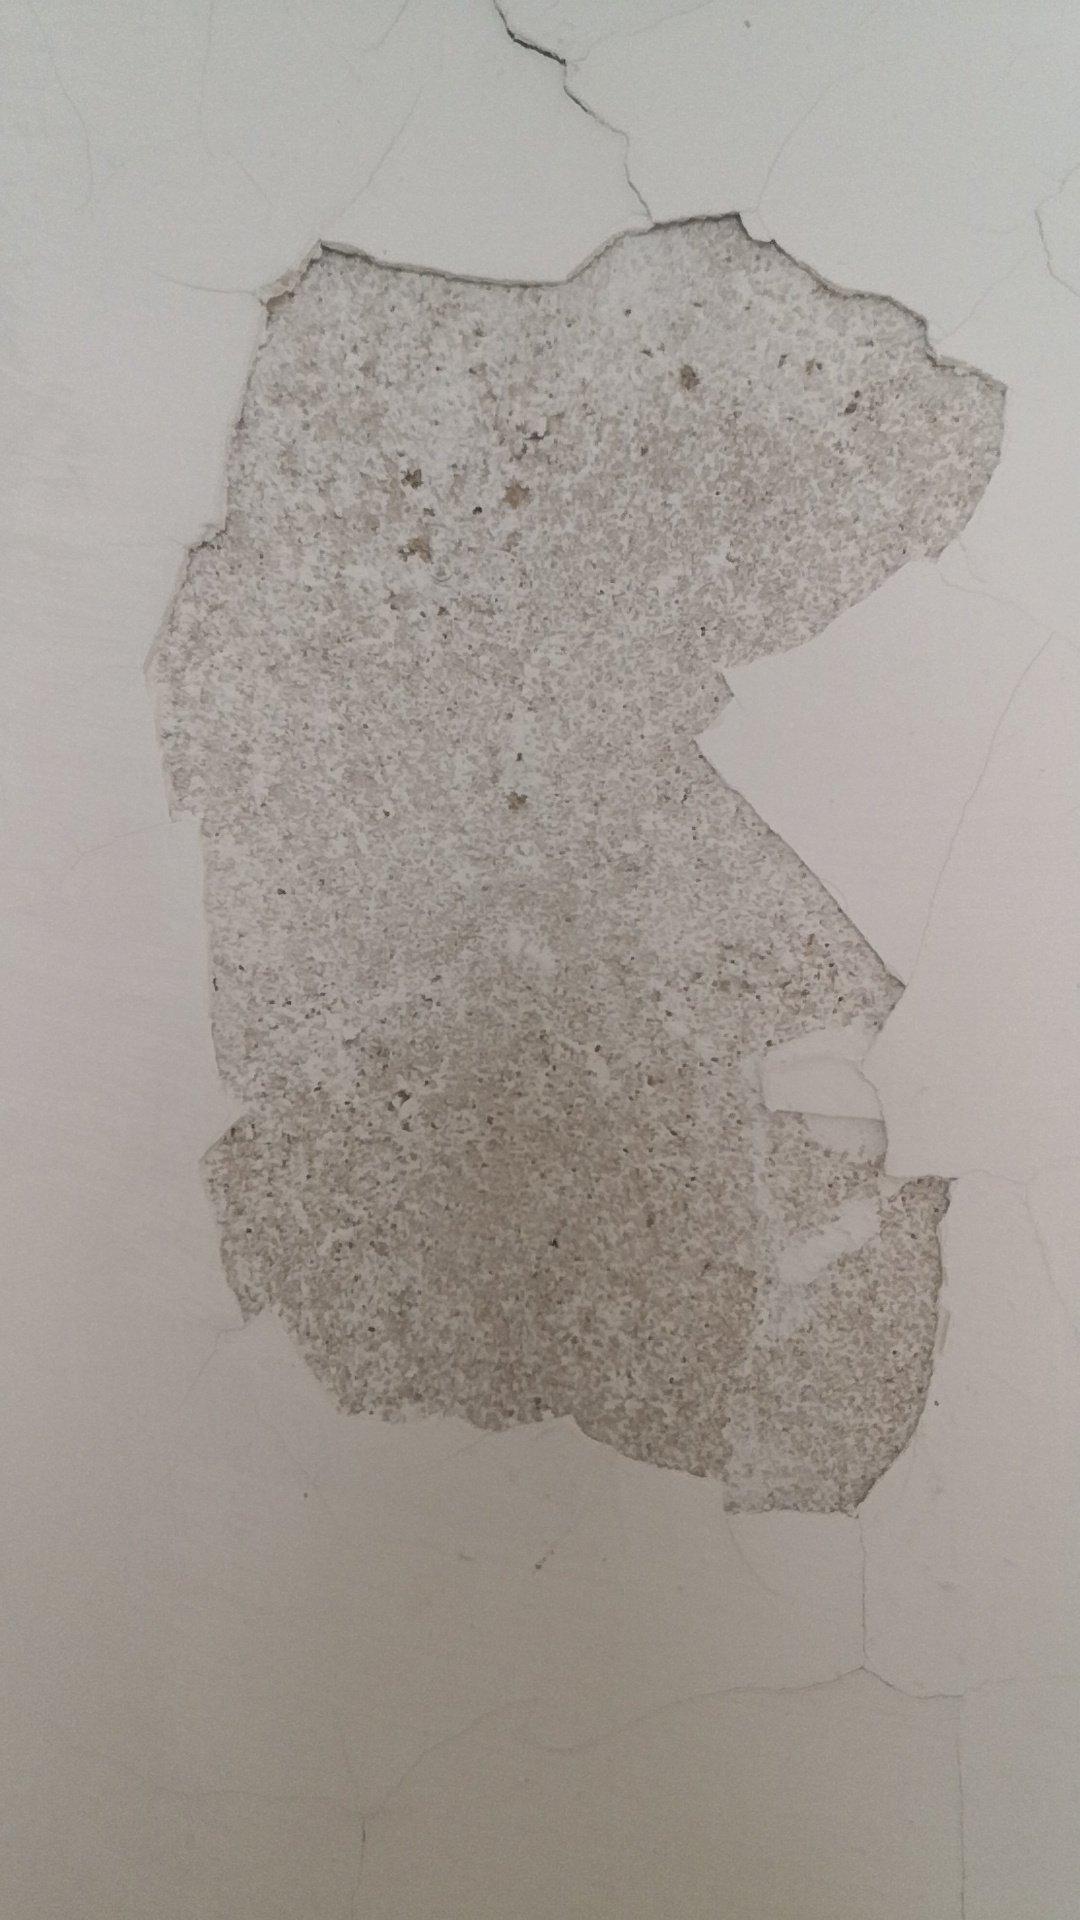 墙体不好,就一定要把墙剃到砖体然后才能刮大白吗?